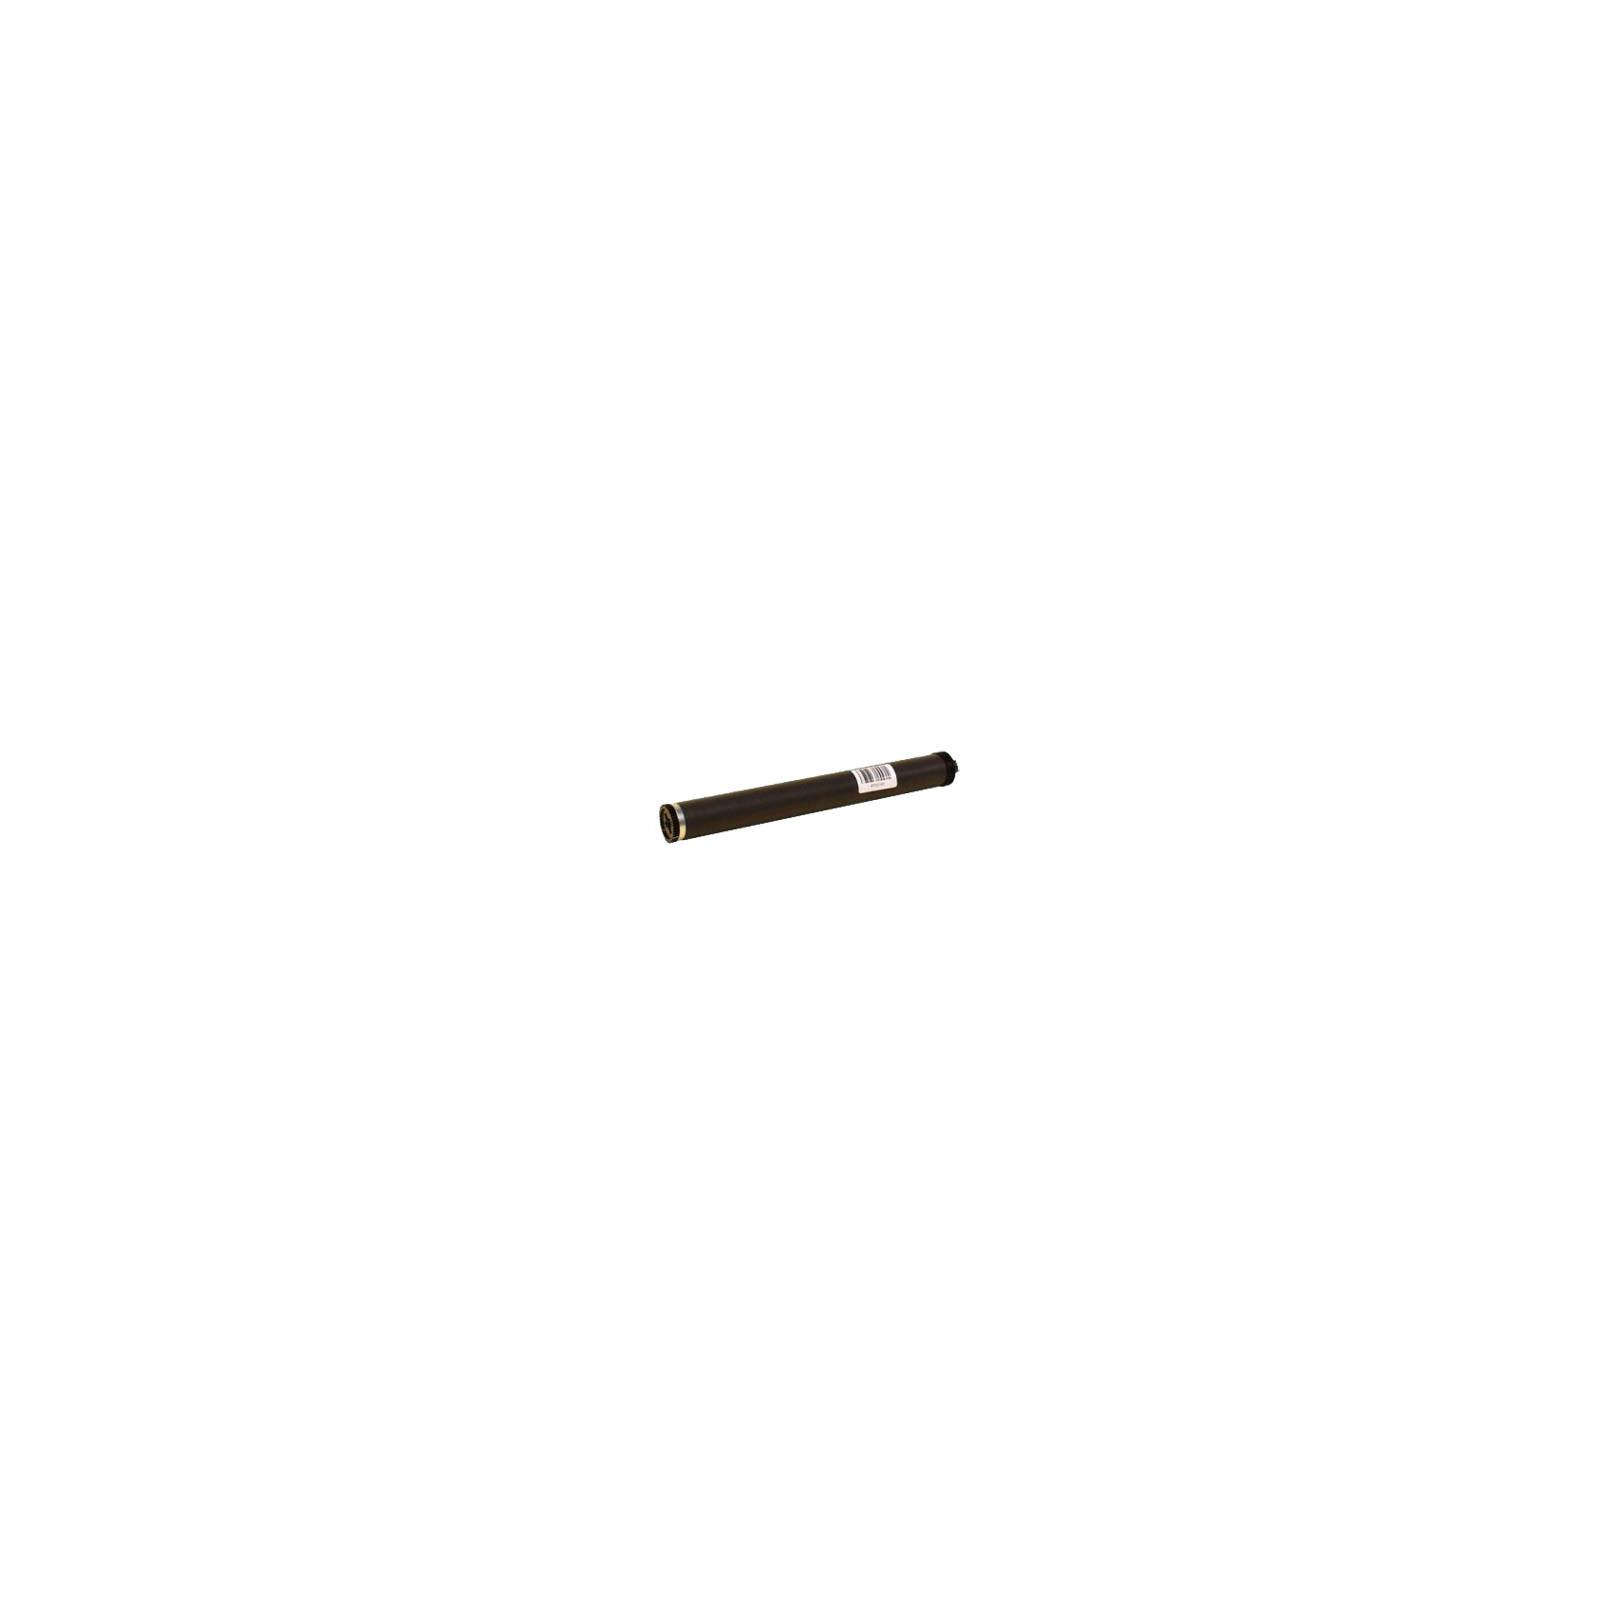 Фотобарабан Static Control HP LJ4200/4300/4250/4350/4345/4345 (PGDRHP43-2-5/PGDRHP43-2)